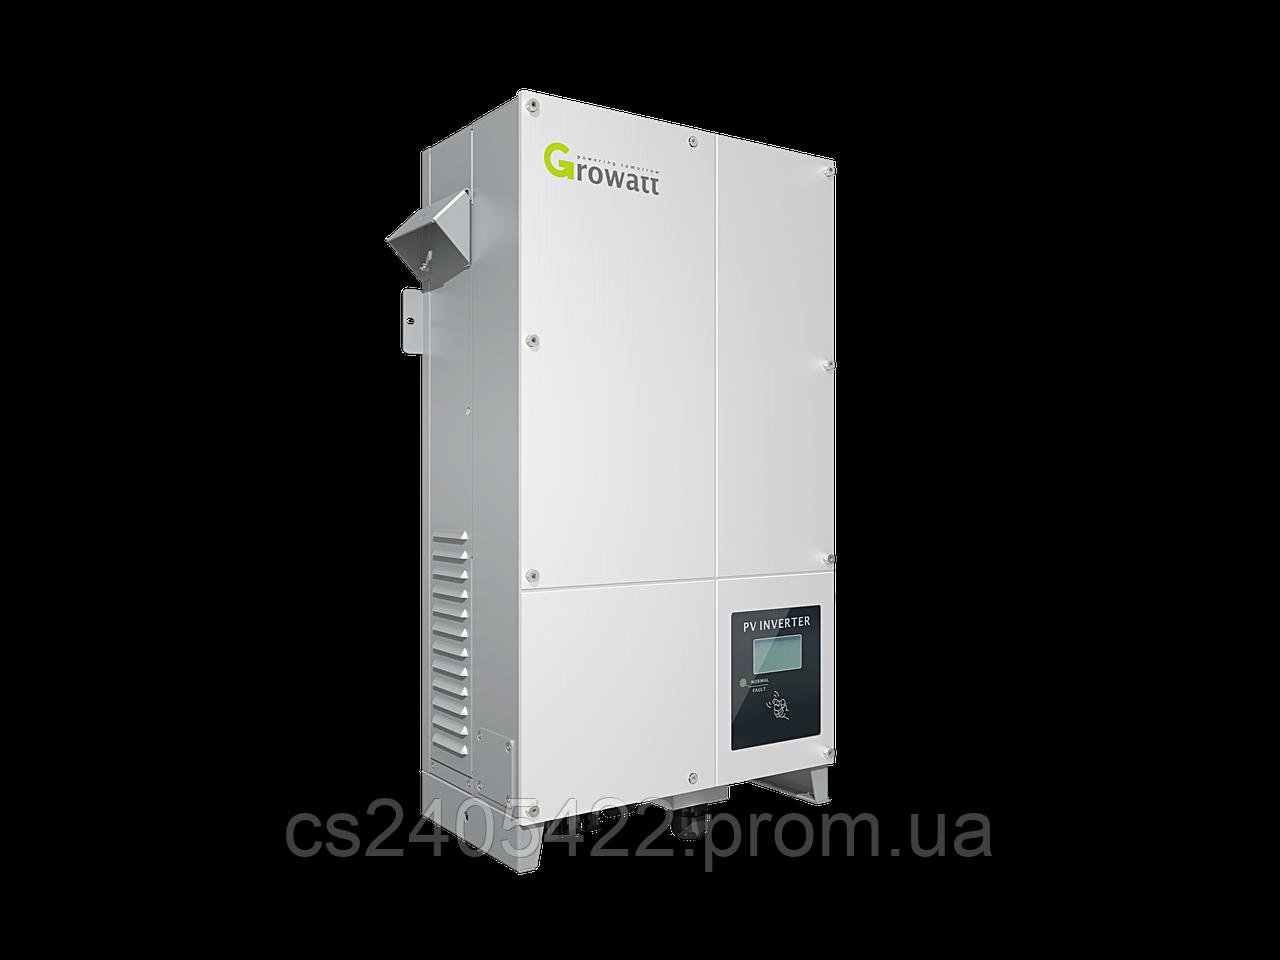 Сетевой инвертор GROWATT 7000UE (7кВ, 3-фазный, 2 МРРТ)